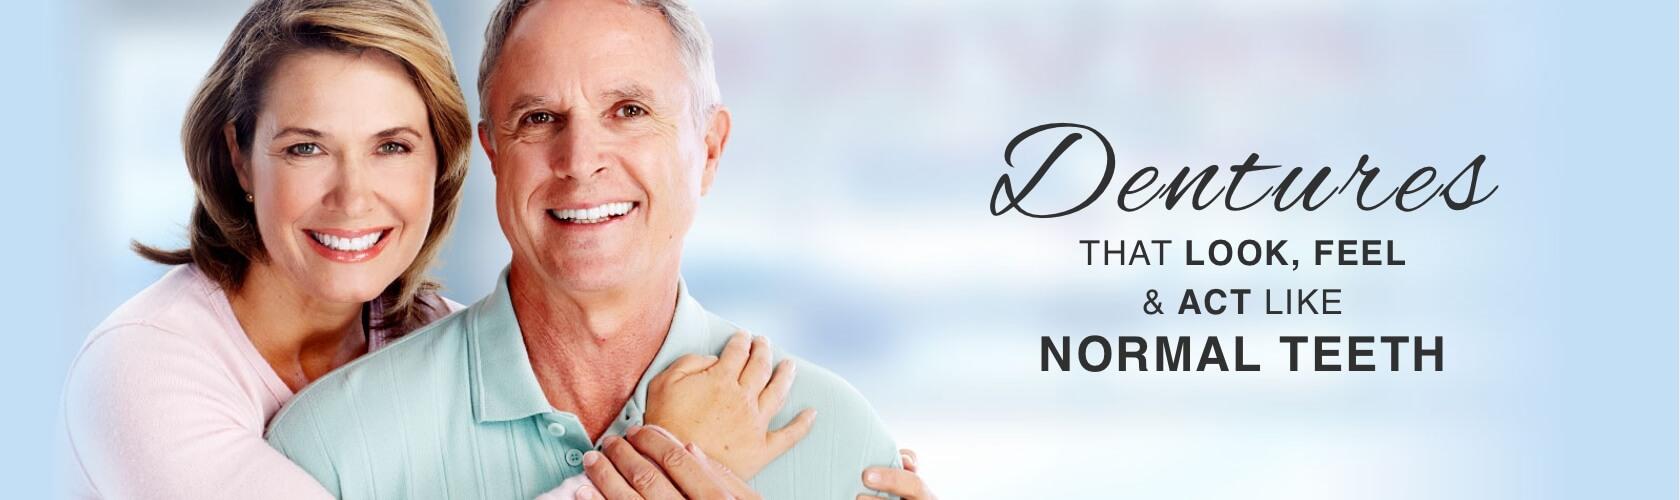 Affordable Dental Dentures